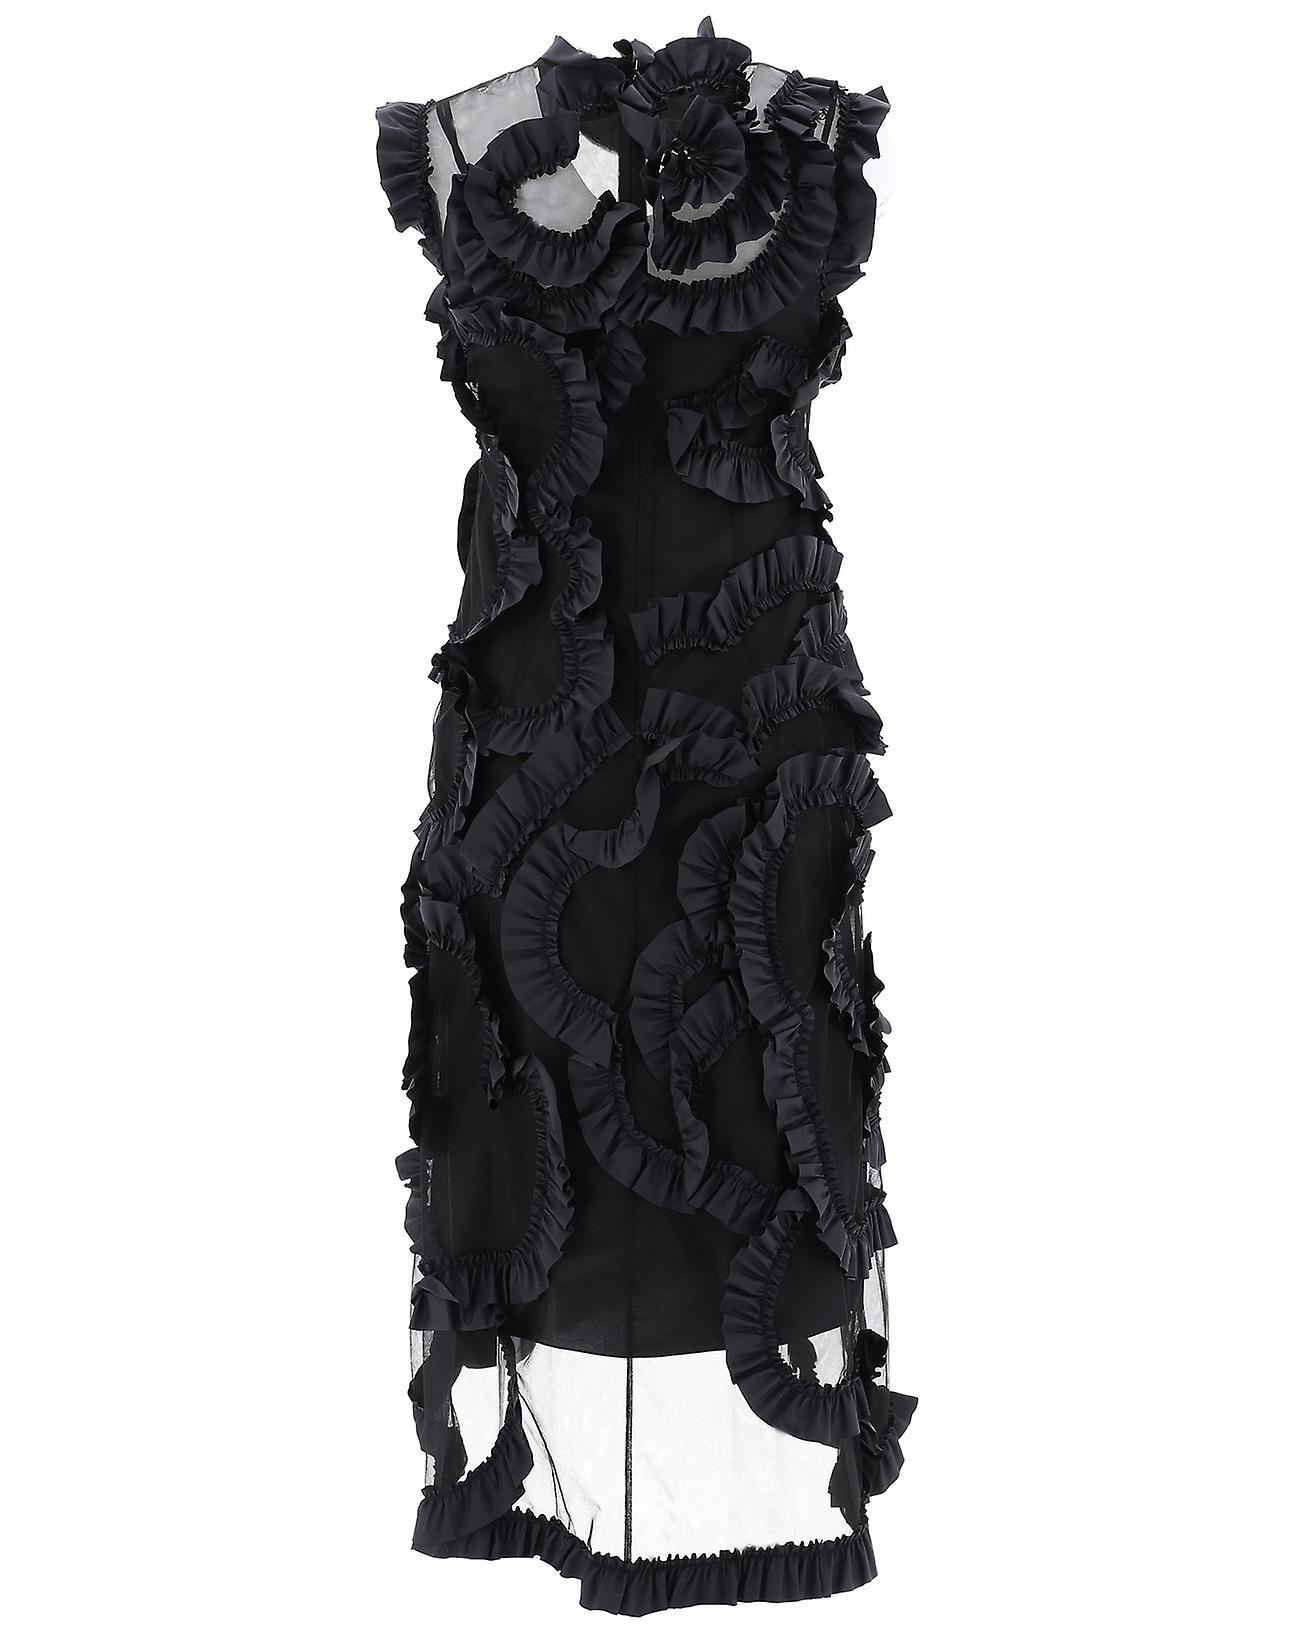 Moncler Genius 6811302549yz999 Women-apos;s Robe en soie noire StQCCF